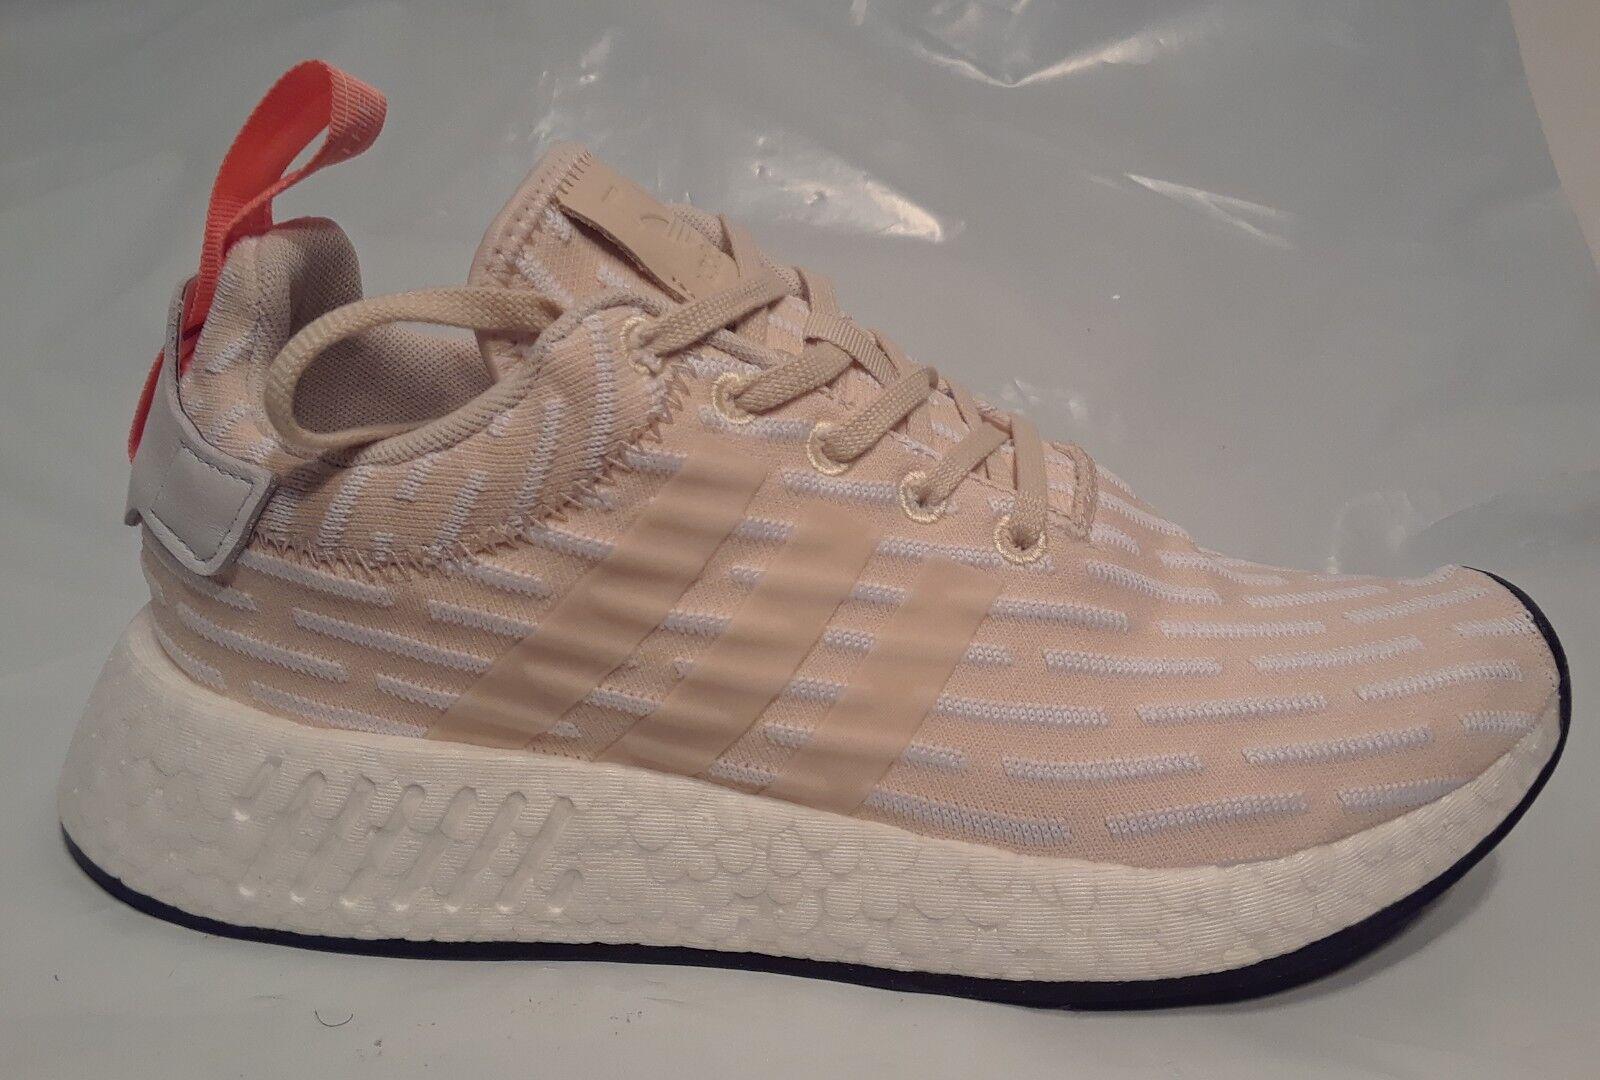 Adidas nmd nmd Adidas r2 ba7260 frauen schuhe 2f285a